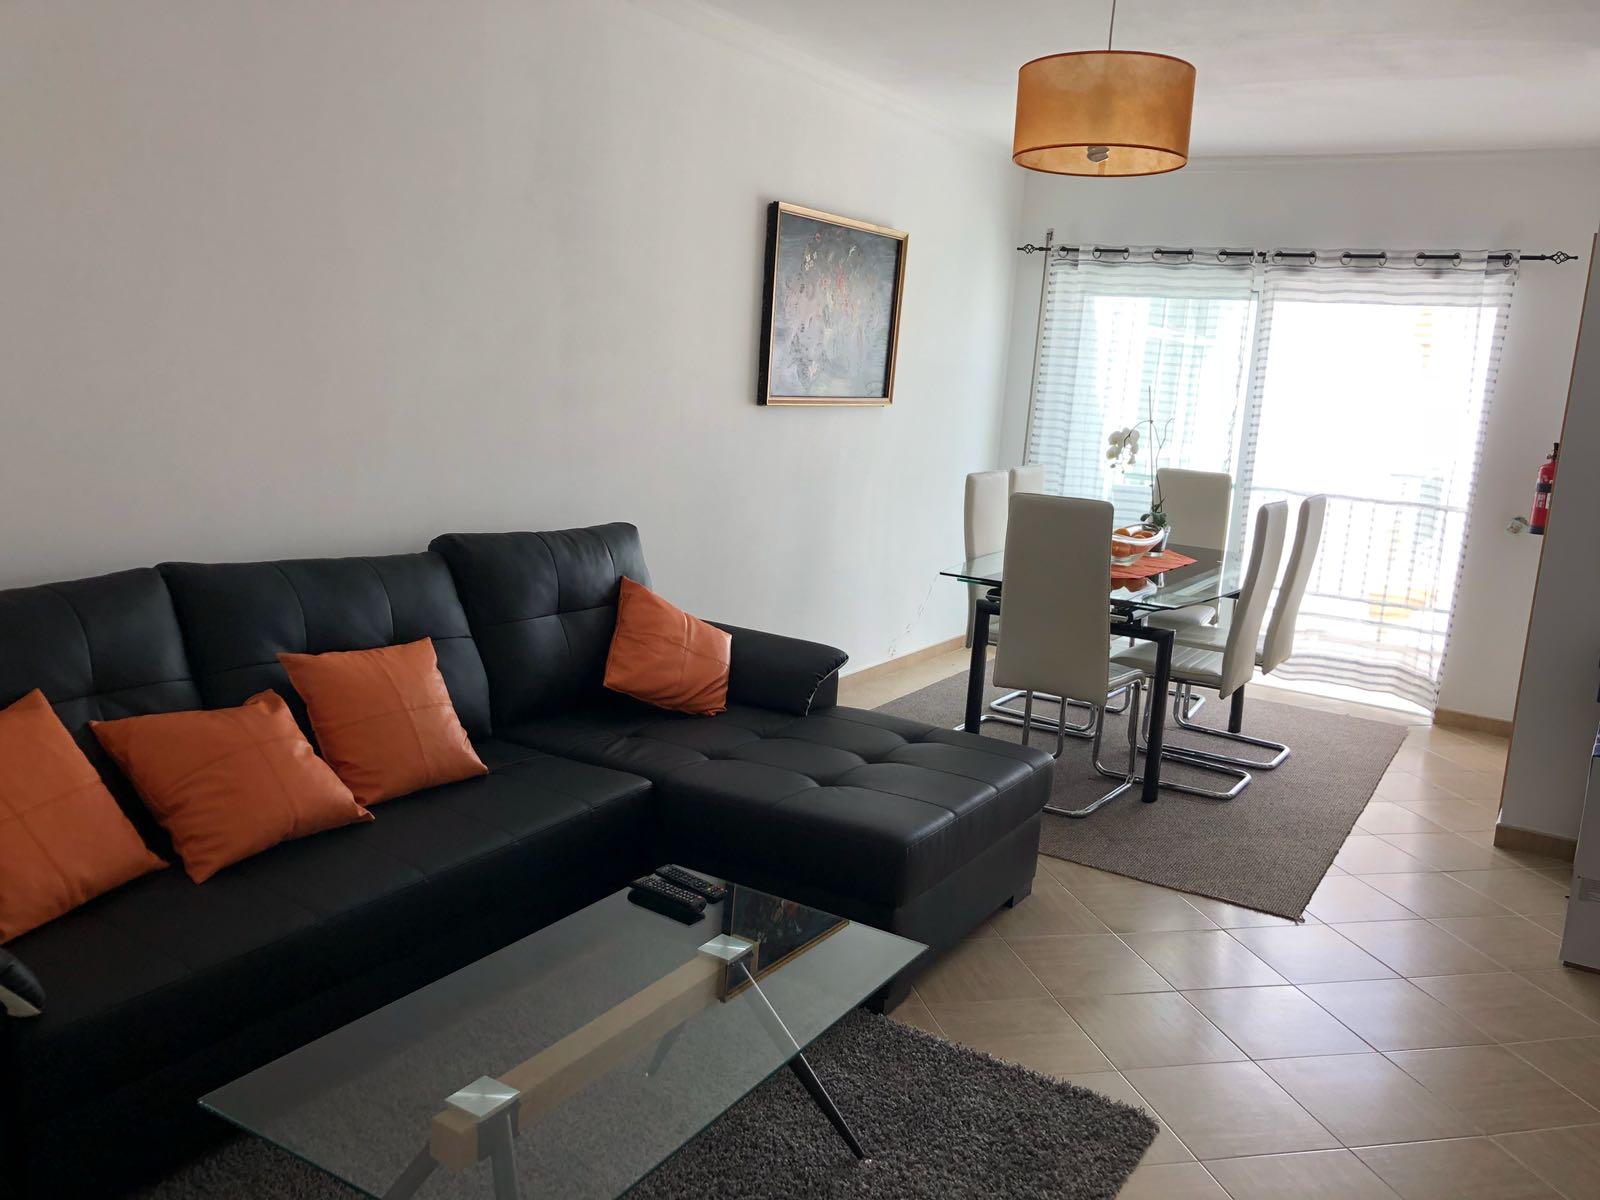 Apartamentos e moradias para alugar, Apartamento T1 - Albufeira - Piscina e Garagem em Albufeira, Portugal Algarve, REF_IMG_6128_6134